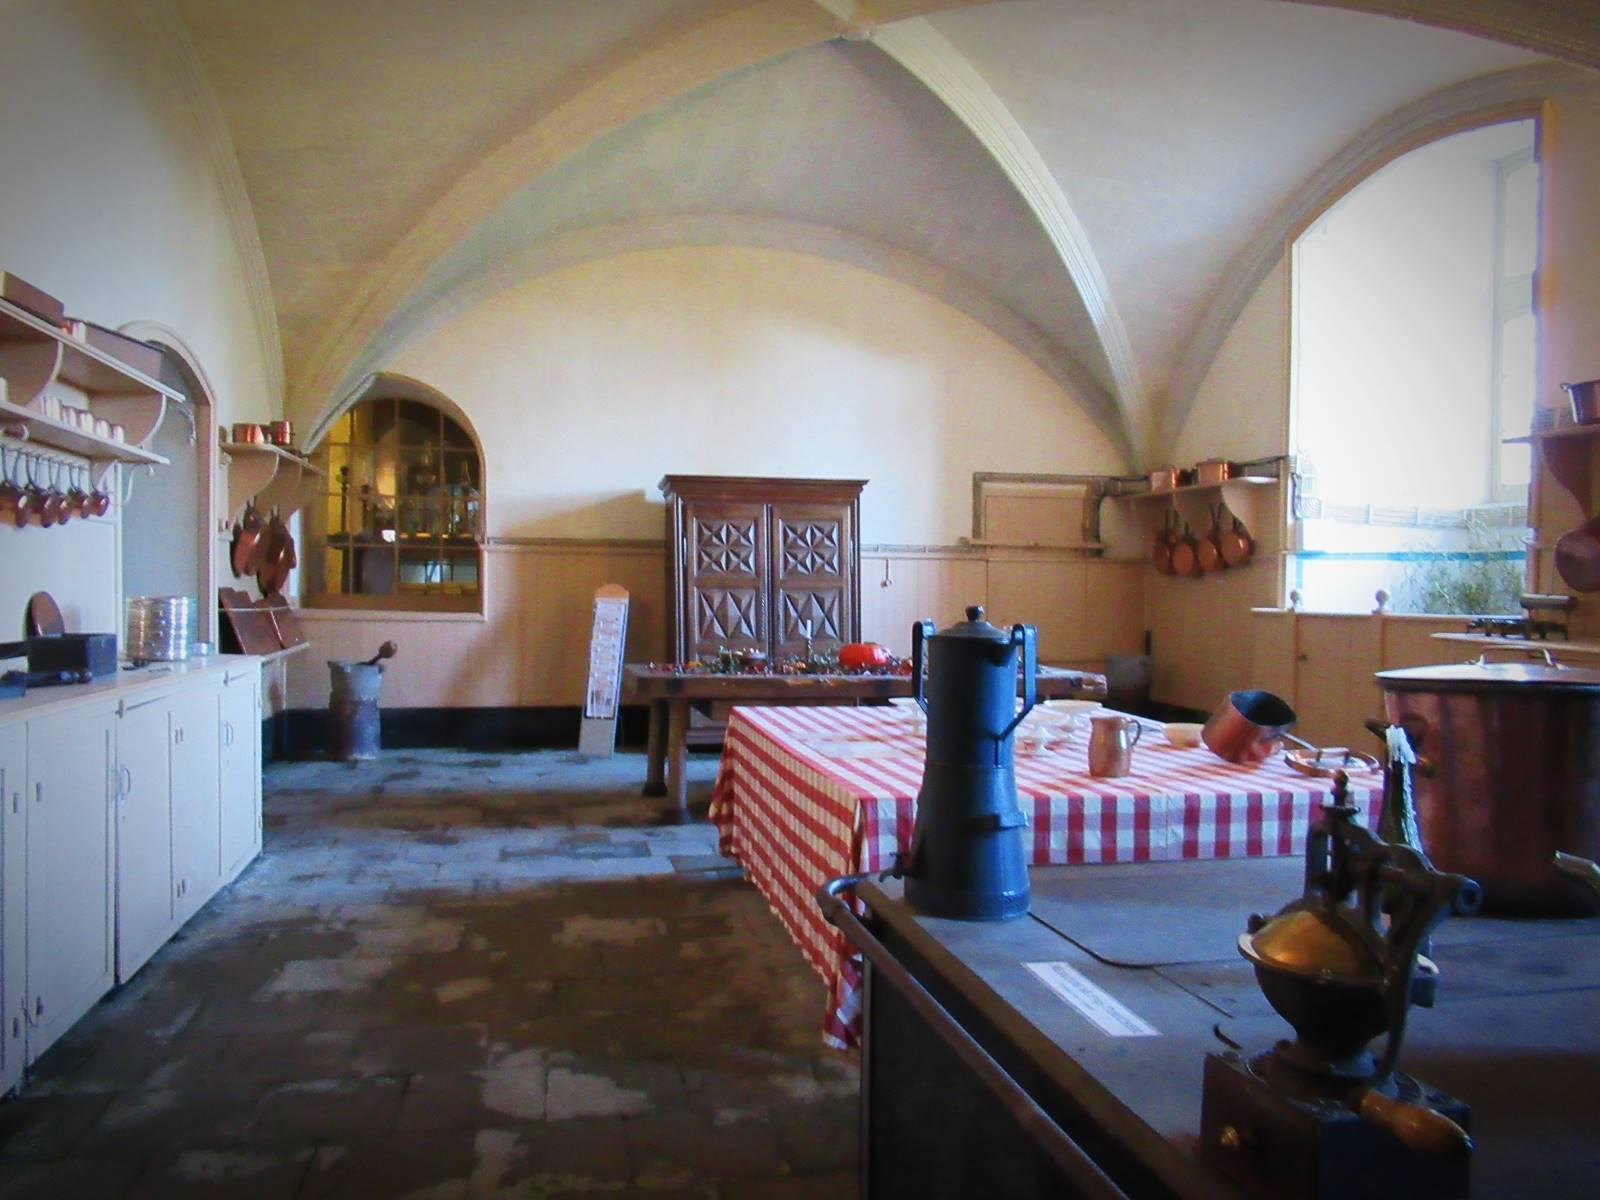 Chateau de serrant modifiee 28